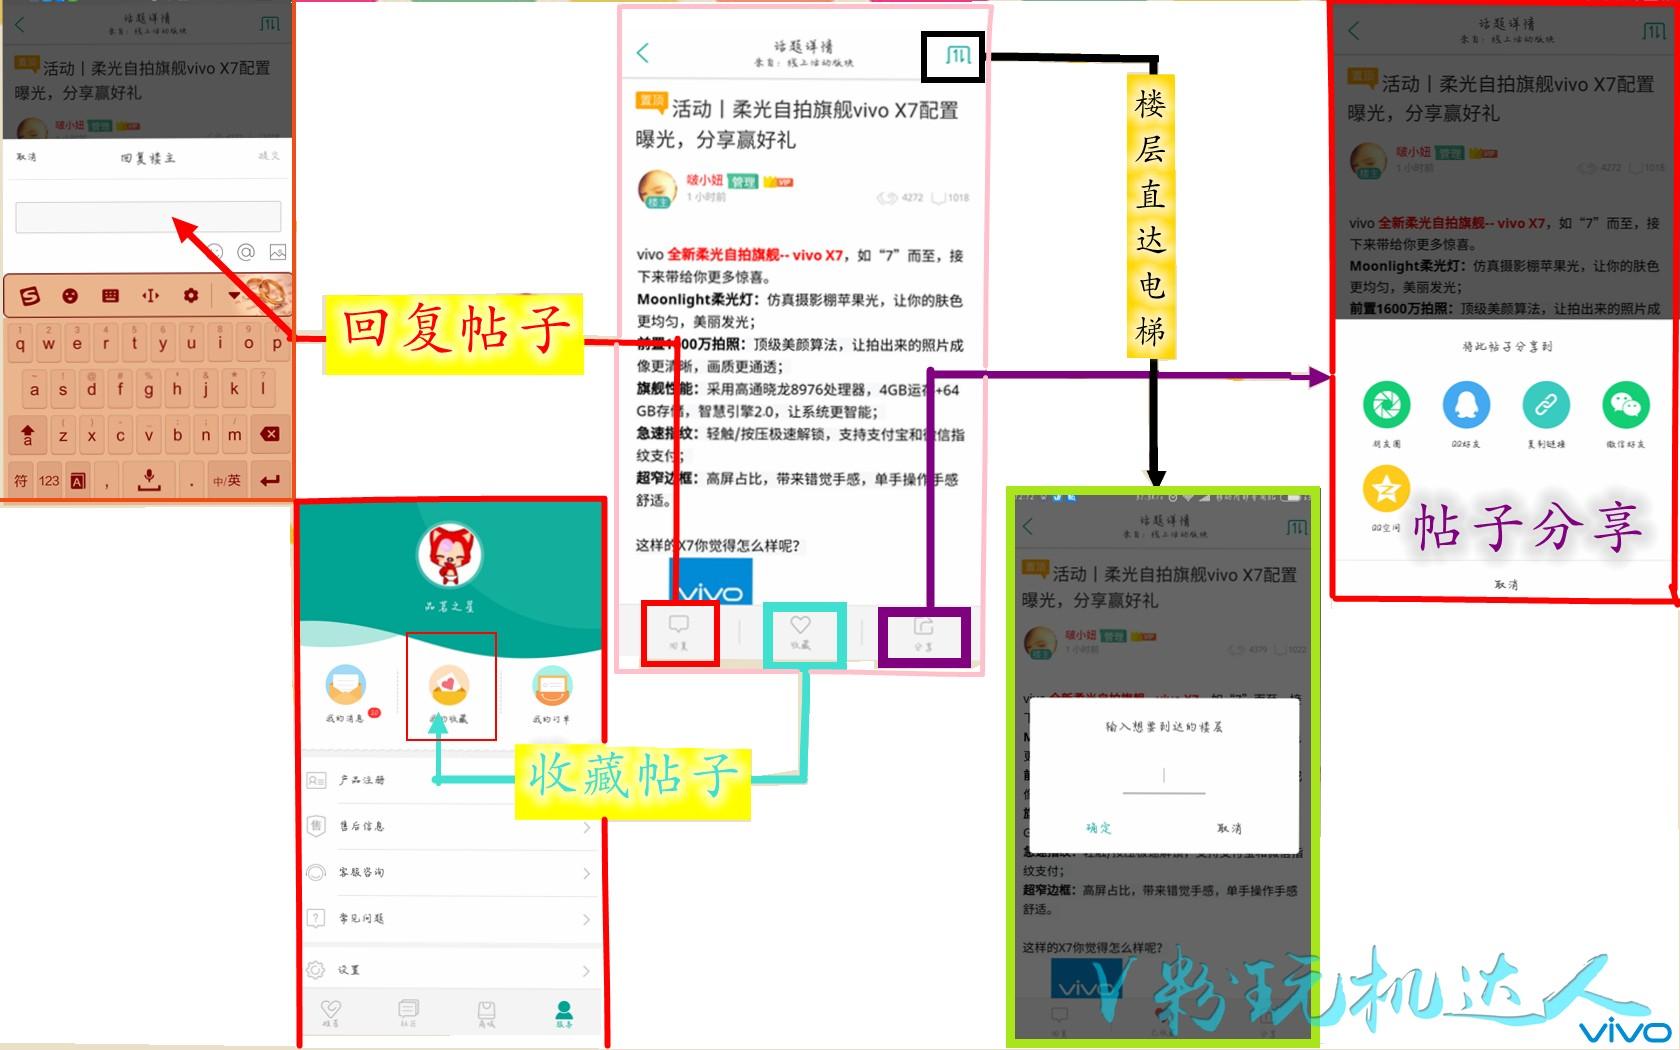 帖子界面介绍.jpg